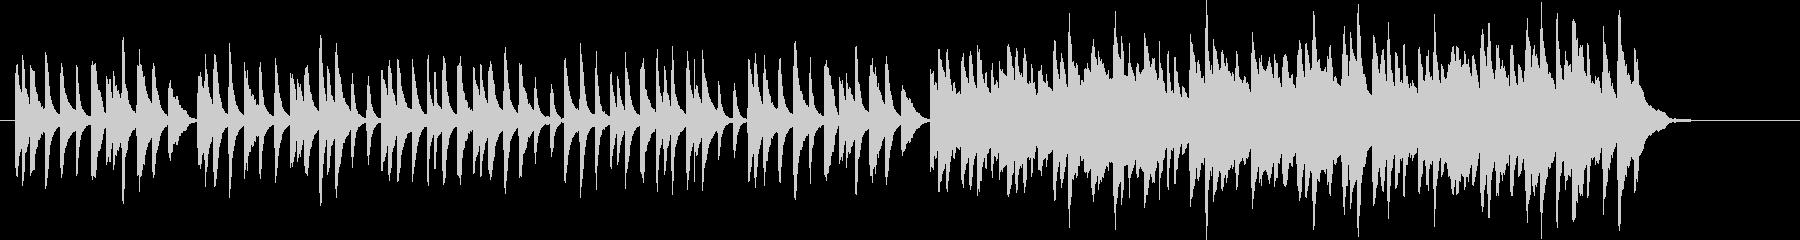 『こいのぼり』のピアノソロの未再生の波形